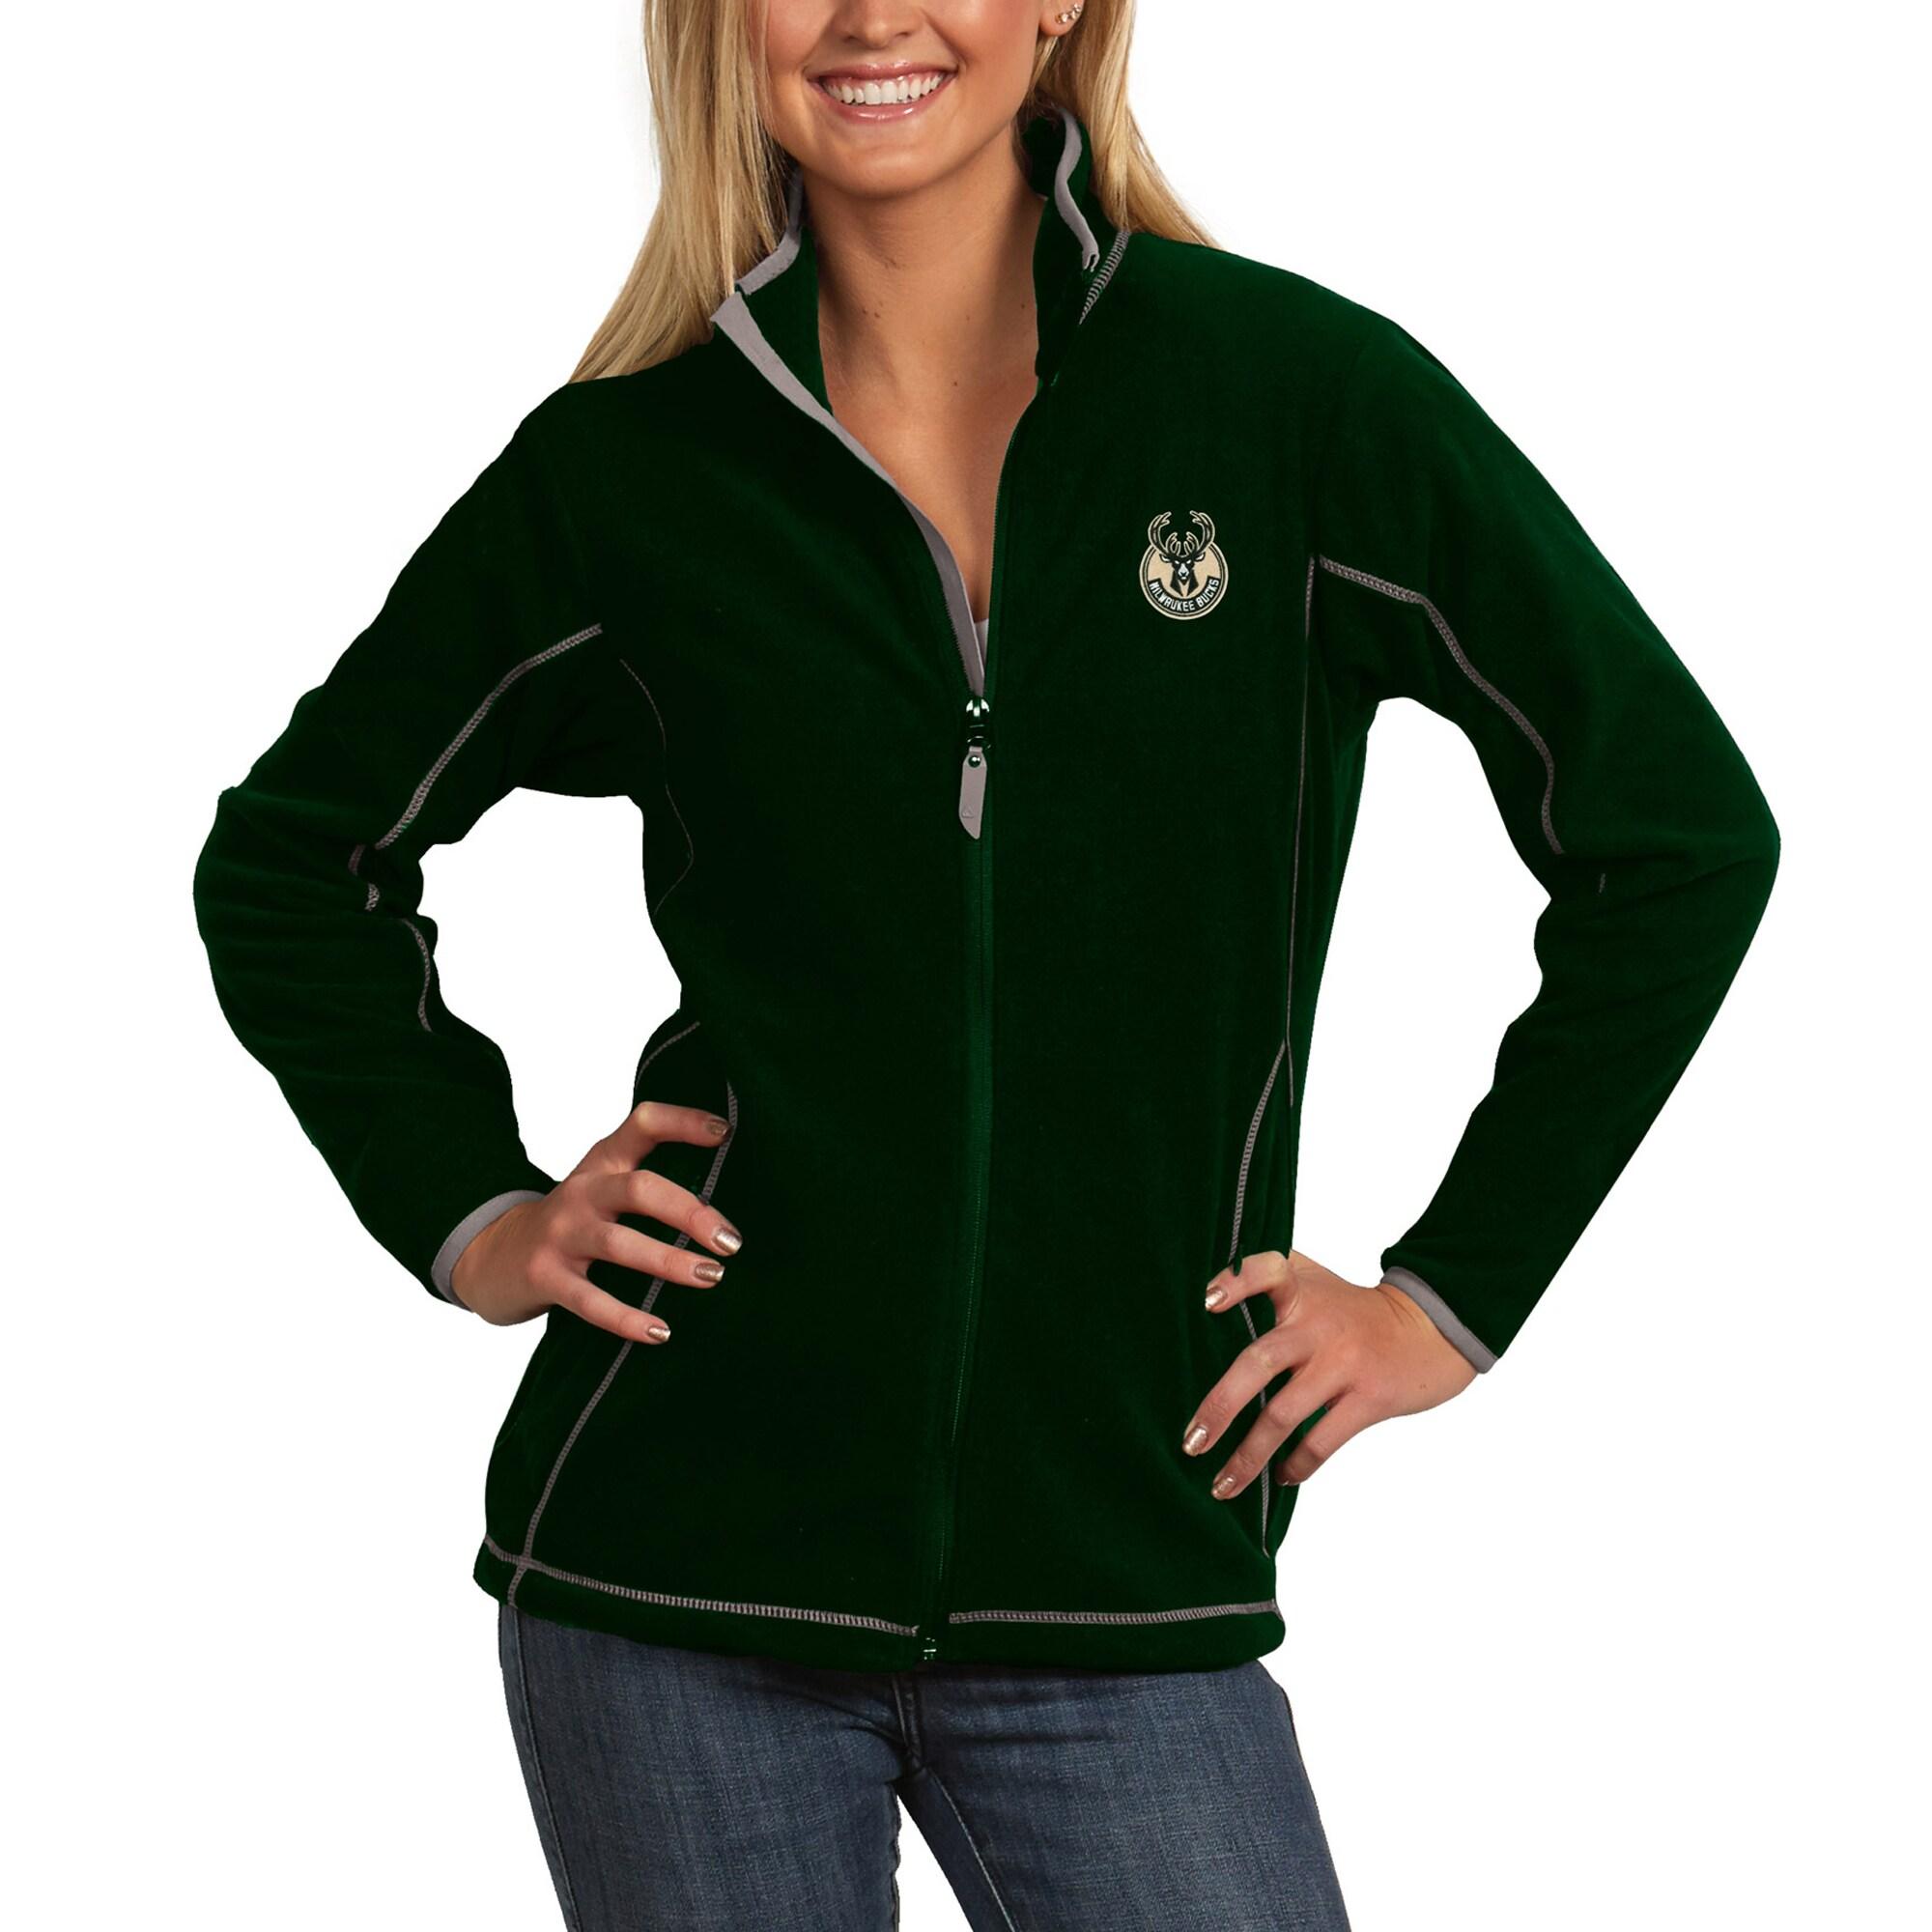 Milwaukee Bucks Antigua Women's Ice Full-Zip Jacket - Green